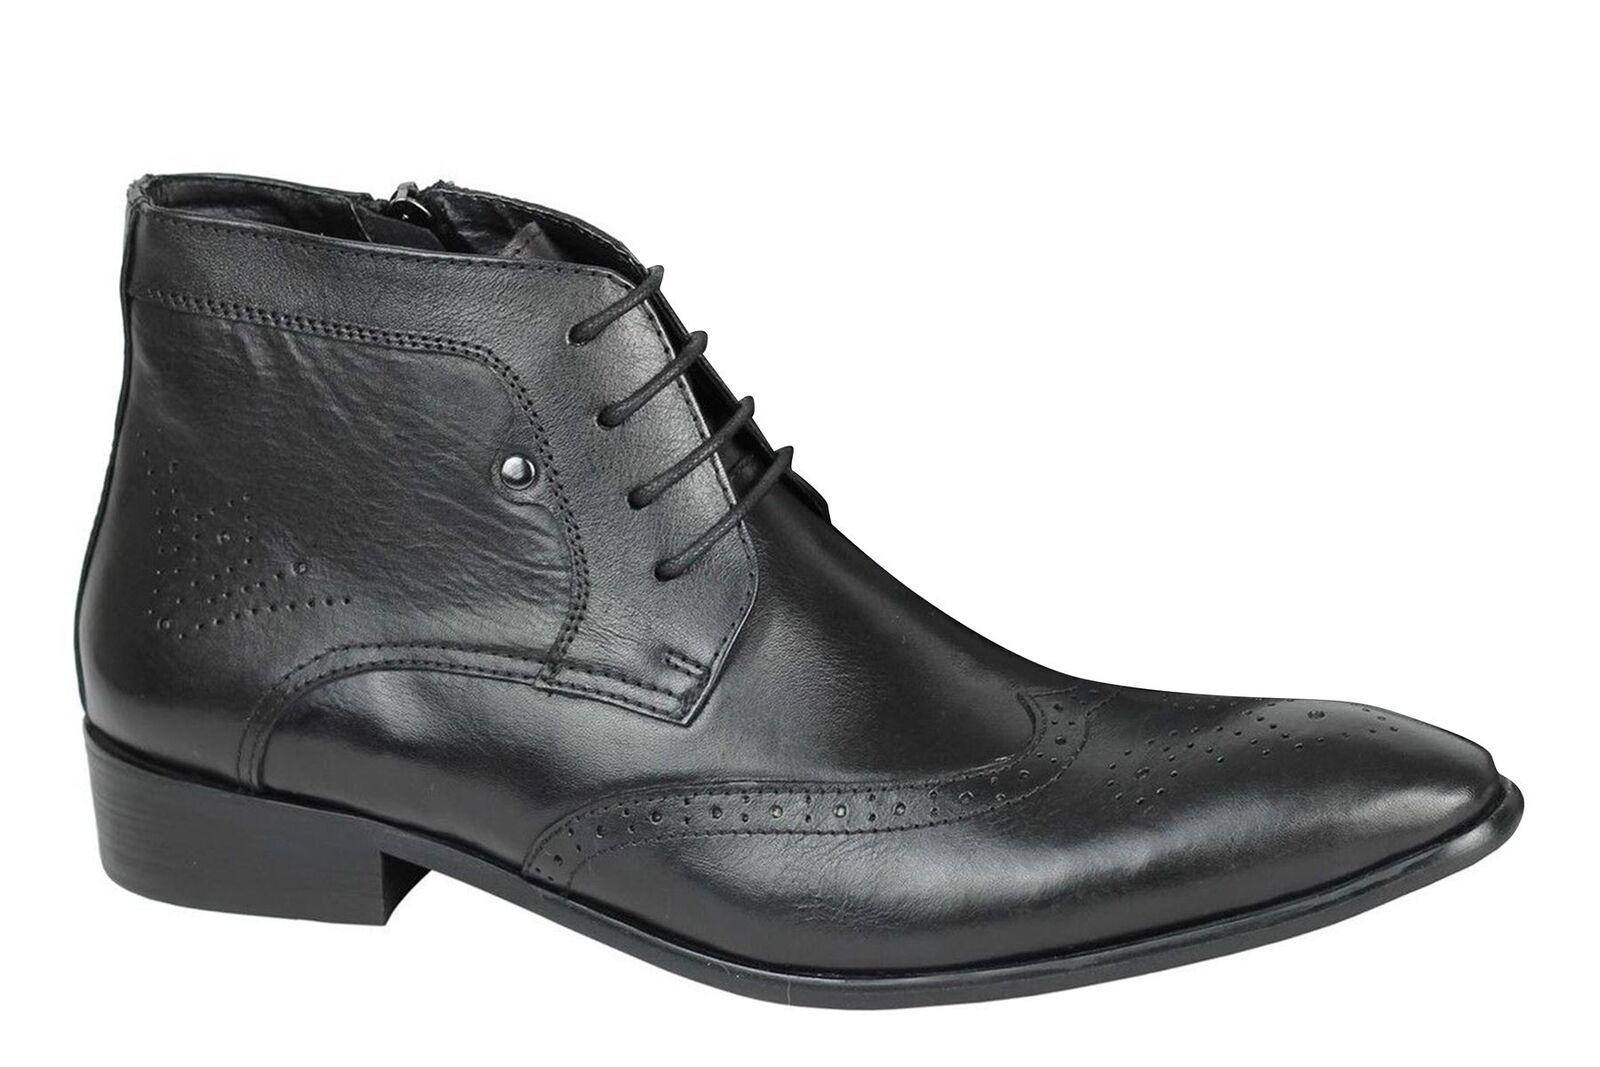 Para Hombre Real De Cuero Negro Clásico zapato bajo de cuero botas Cremallera & Lace Up Vintage Retro Zapatos